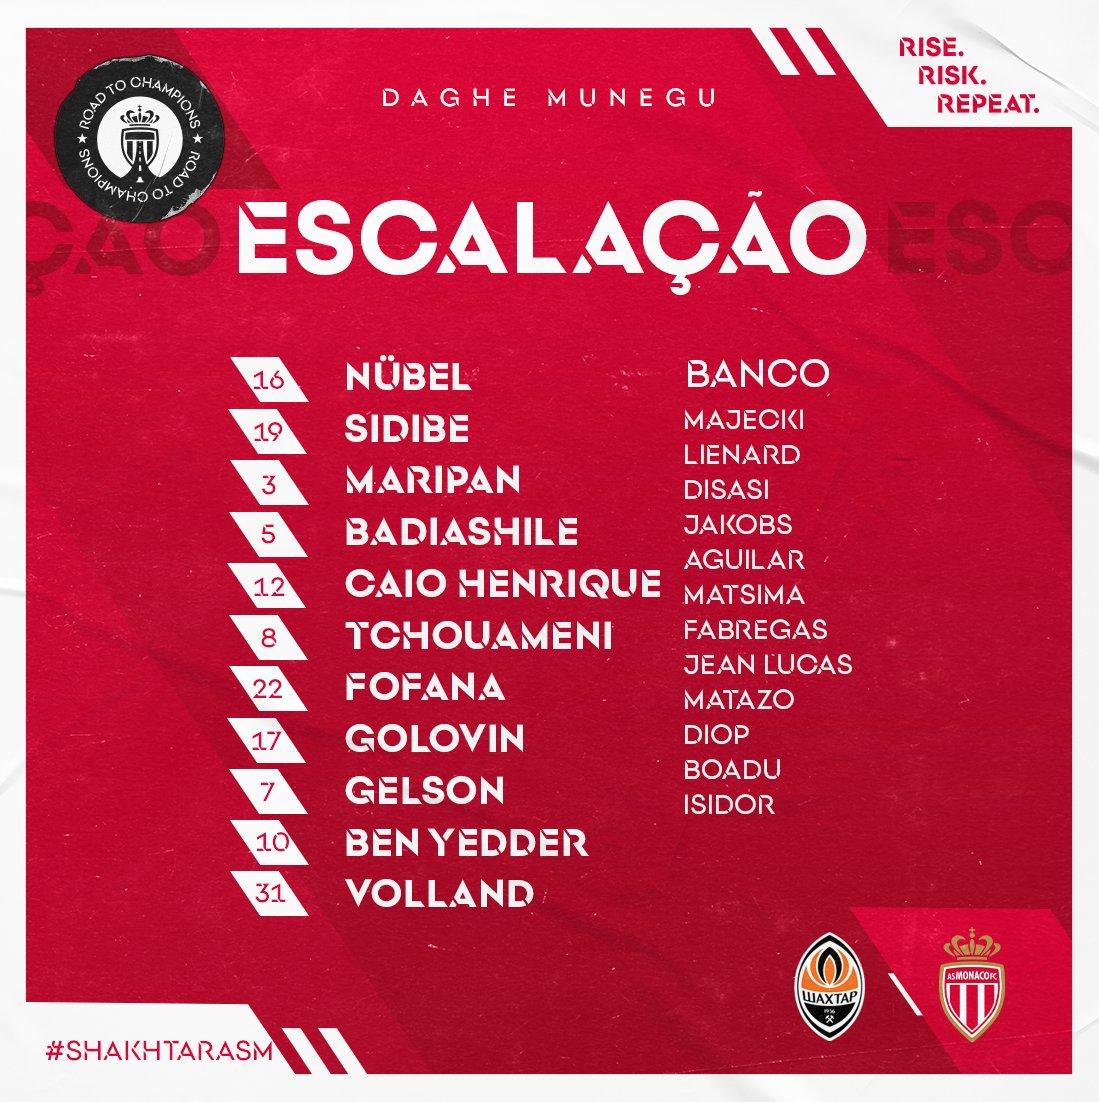 Foto: Divulgação/AS Monaco FC